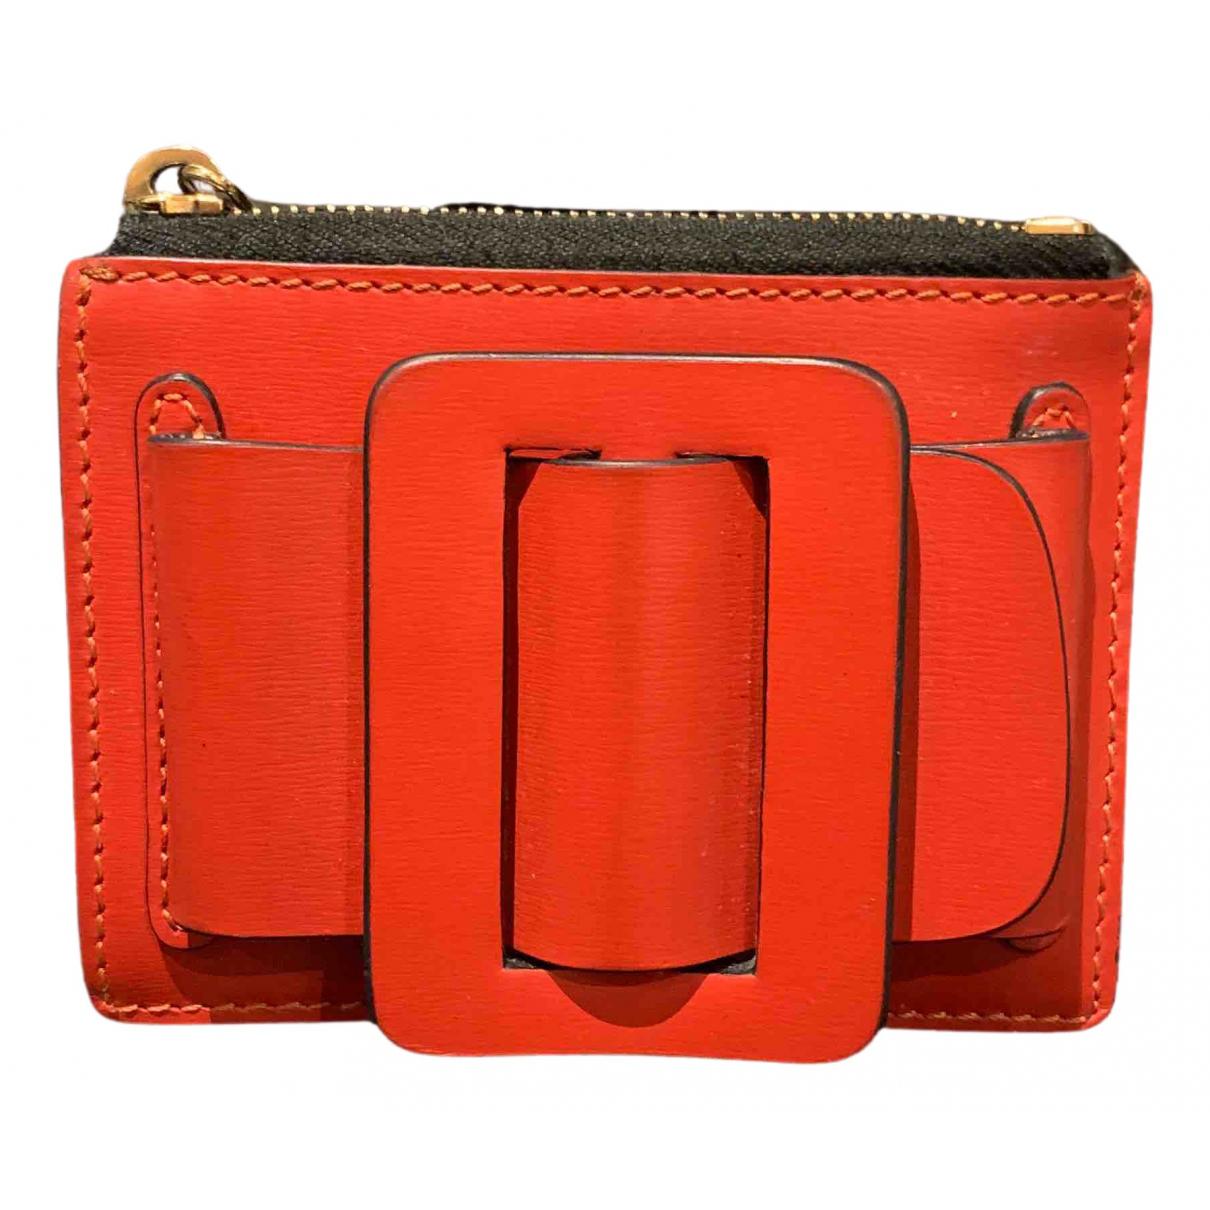 Boyy N Red Leather wallet for Women N